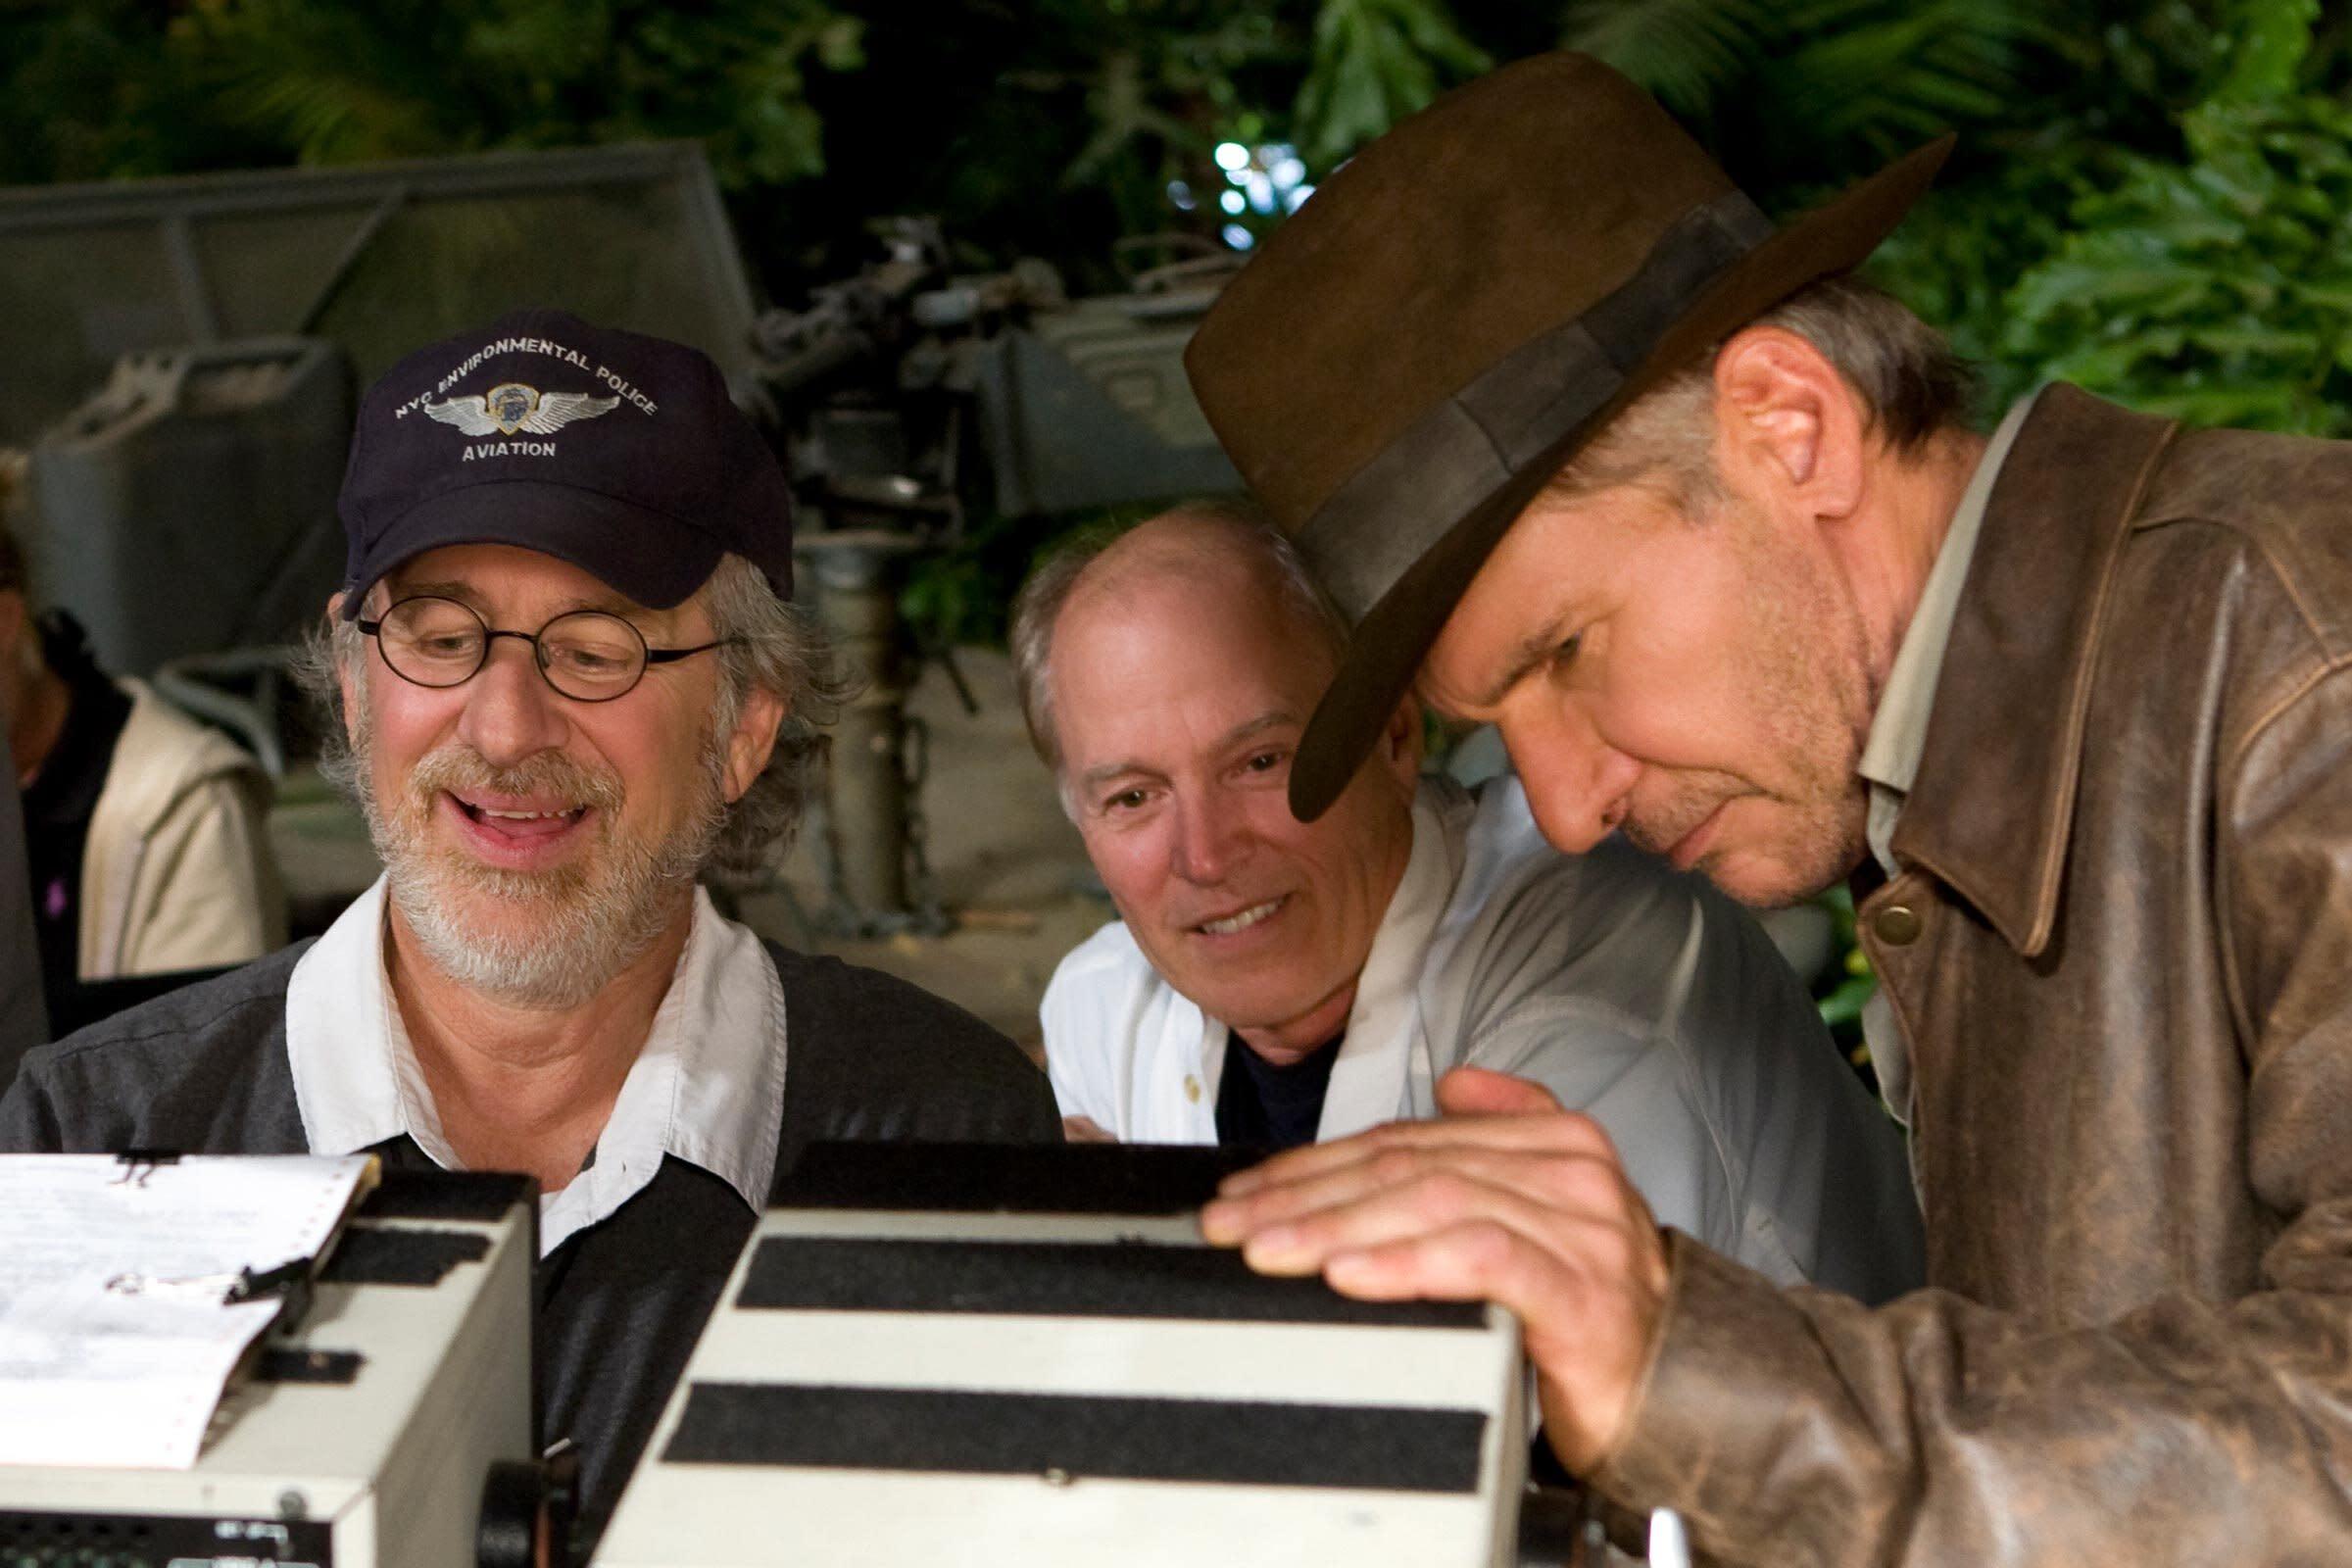 Steven Spielberg won't direct Indiana Jones 5